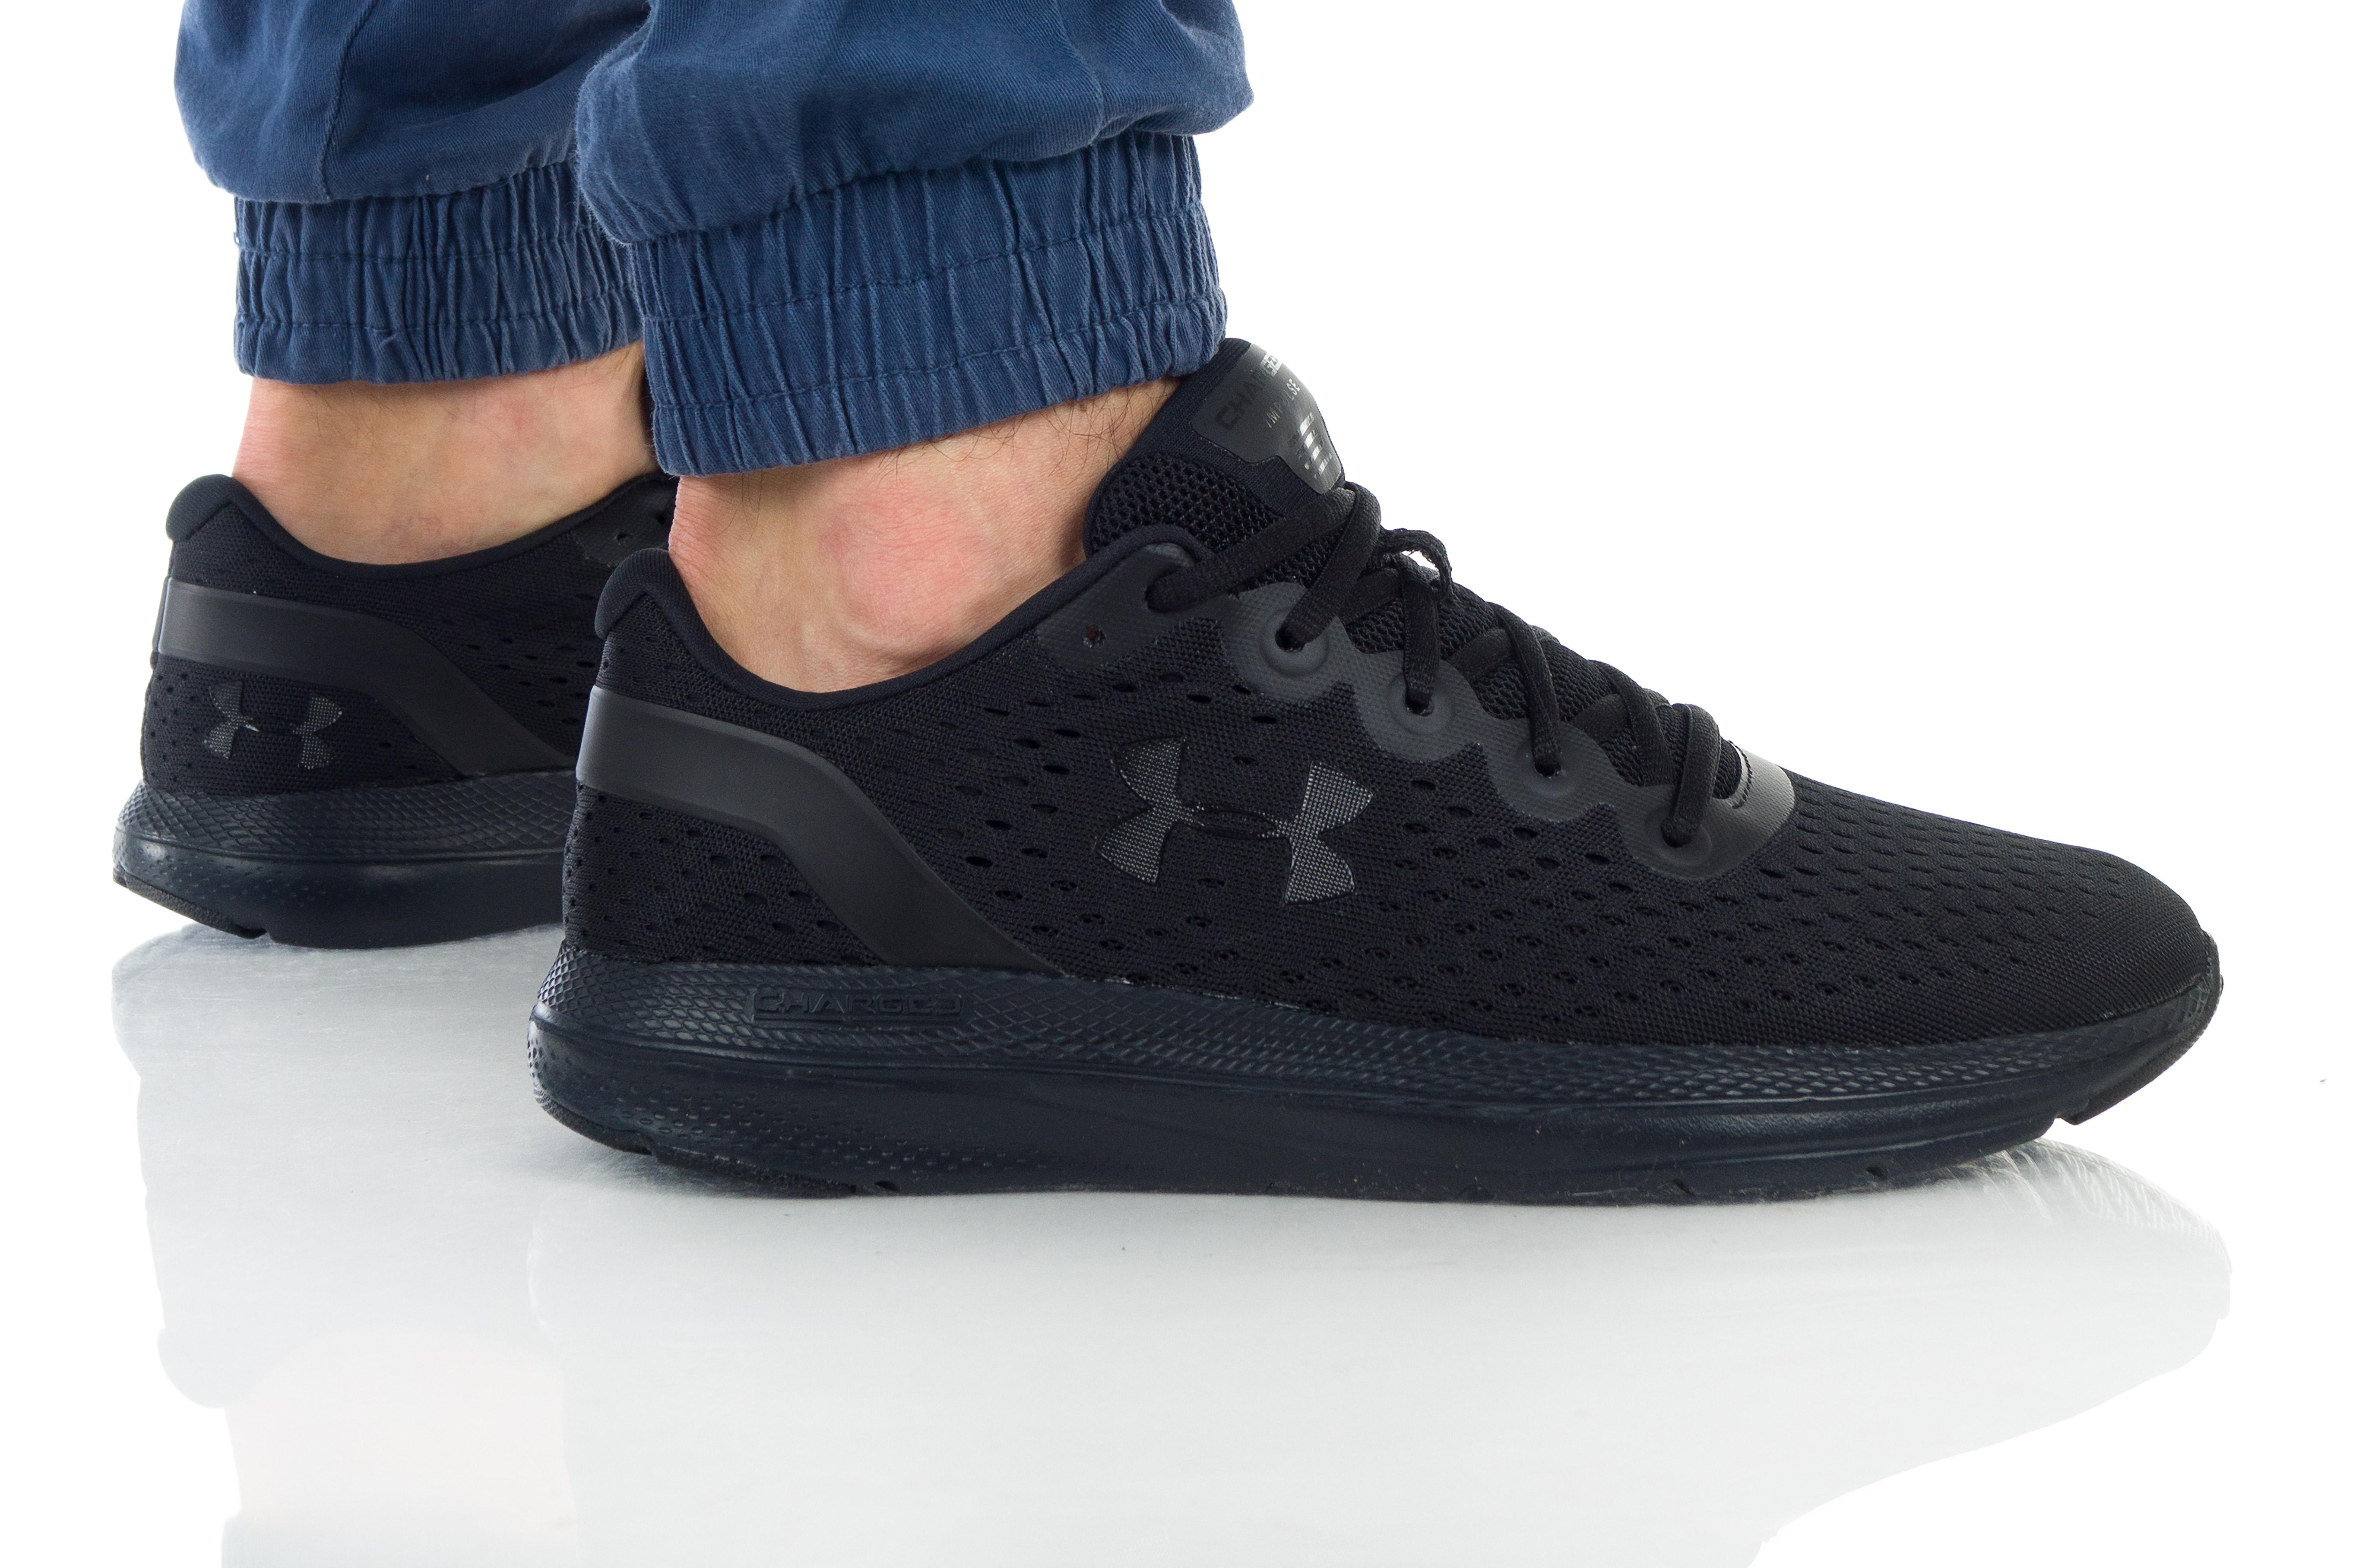 נעליים אנדר ארמור לגברים Under Armour Charged Impulse - שחור